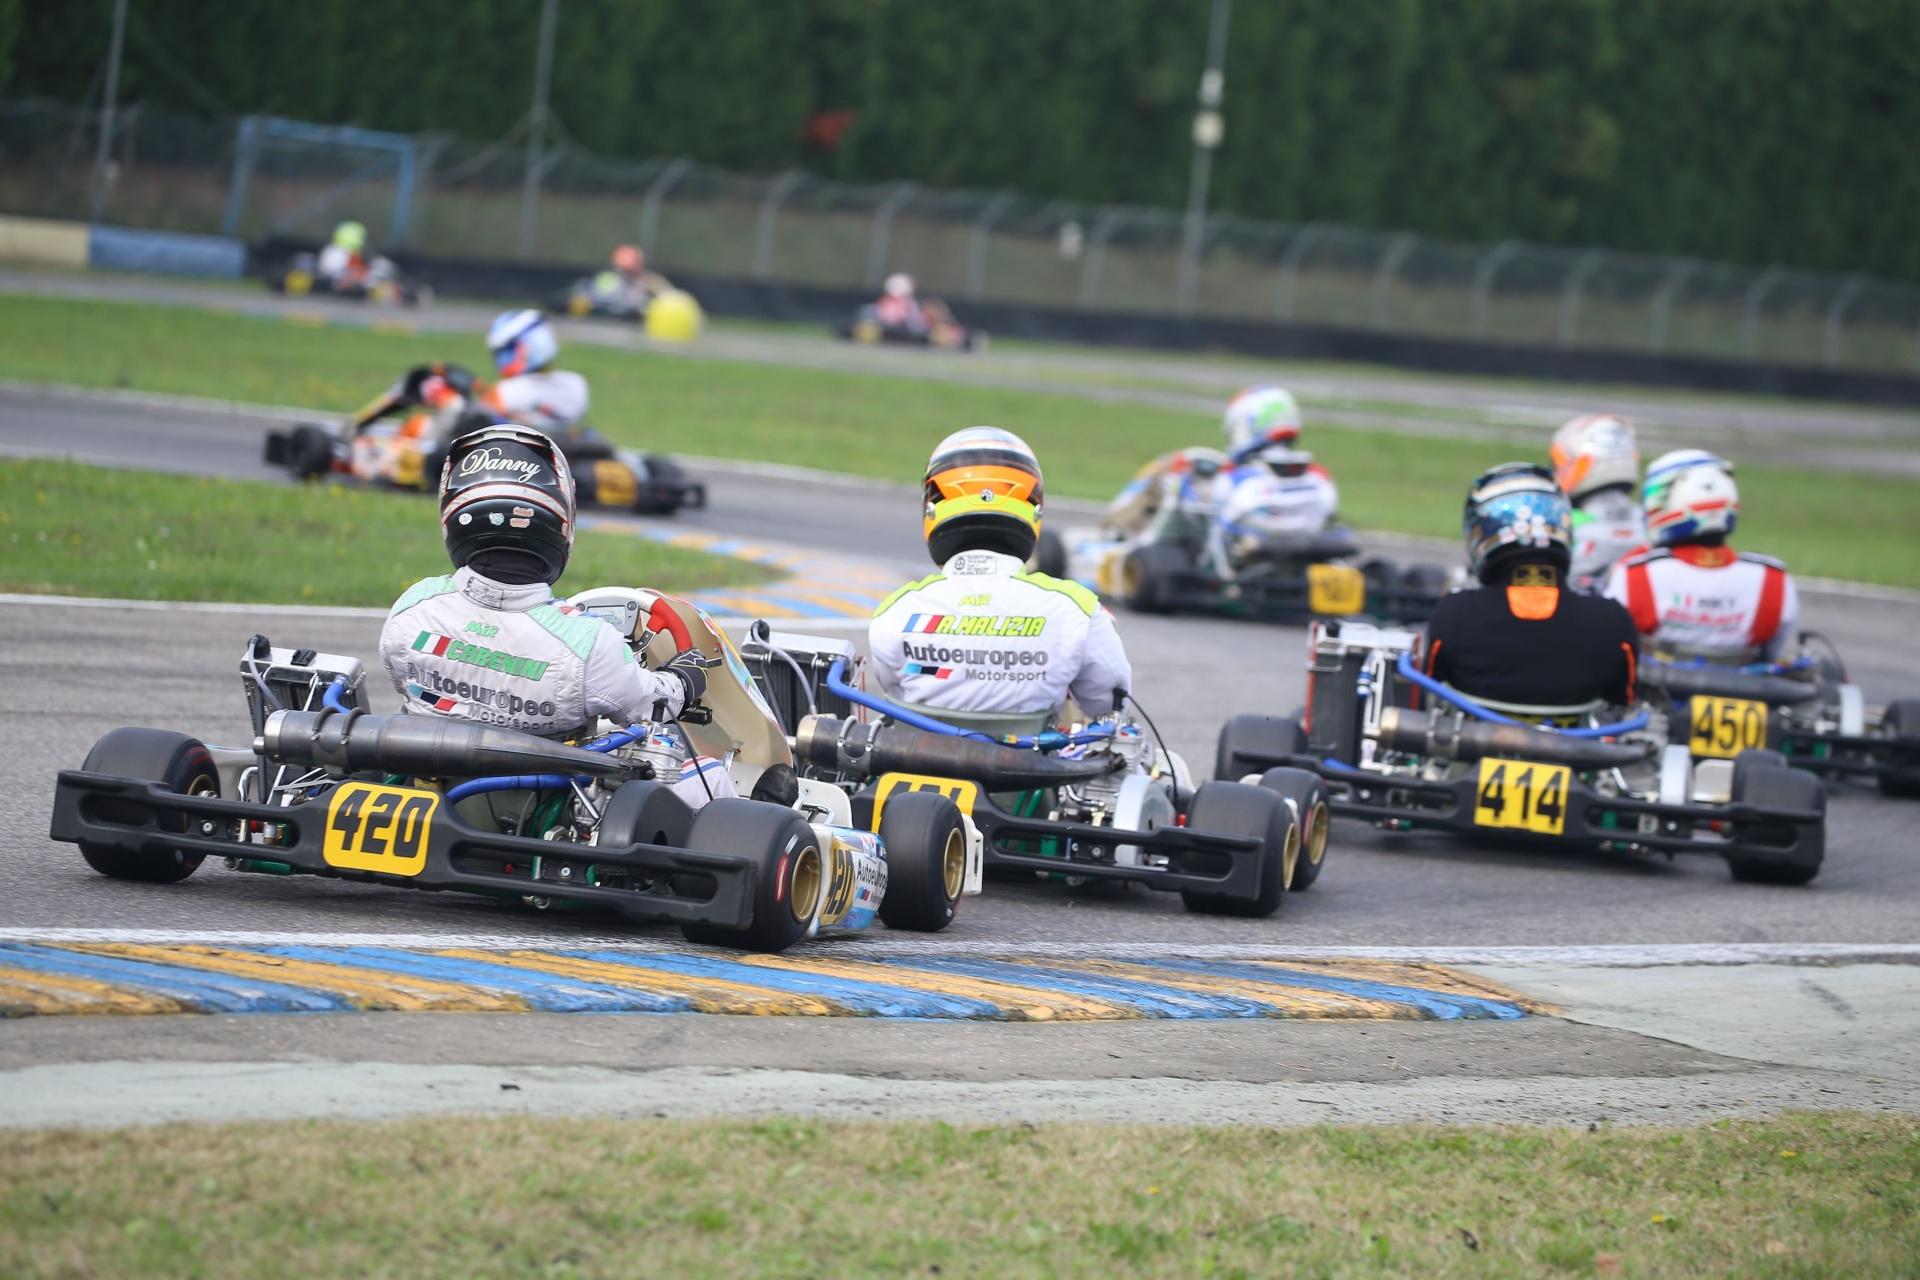 Il Trofeo Nazionale ACI Karting anticipato al 29 novembre ad Arce